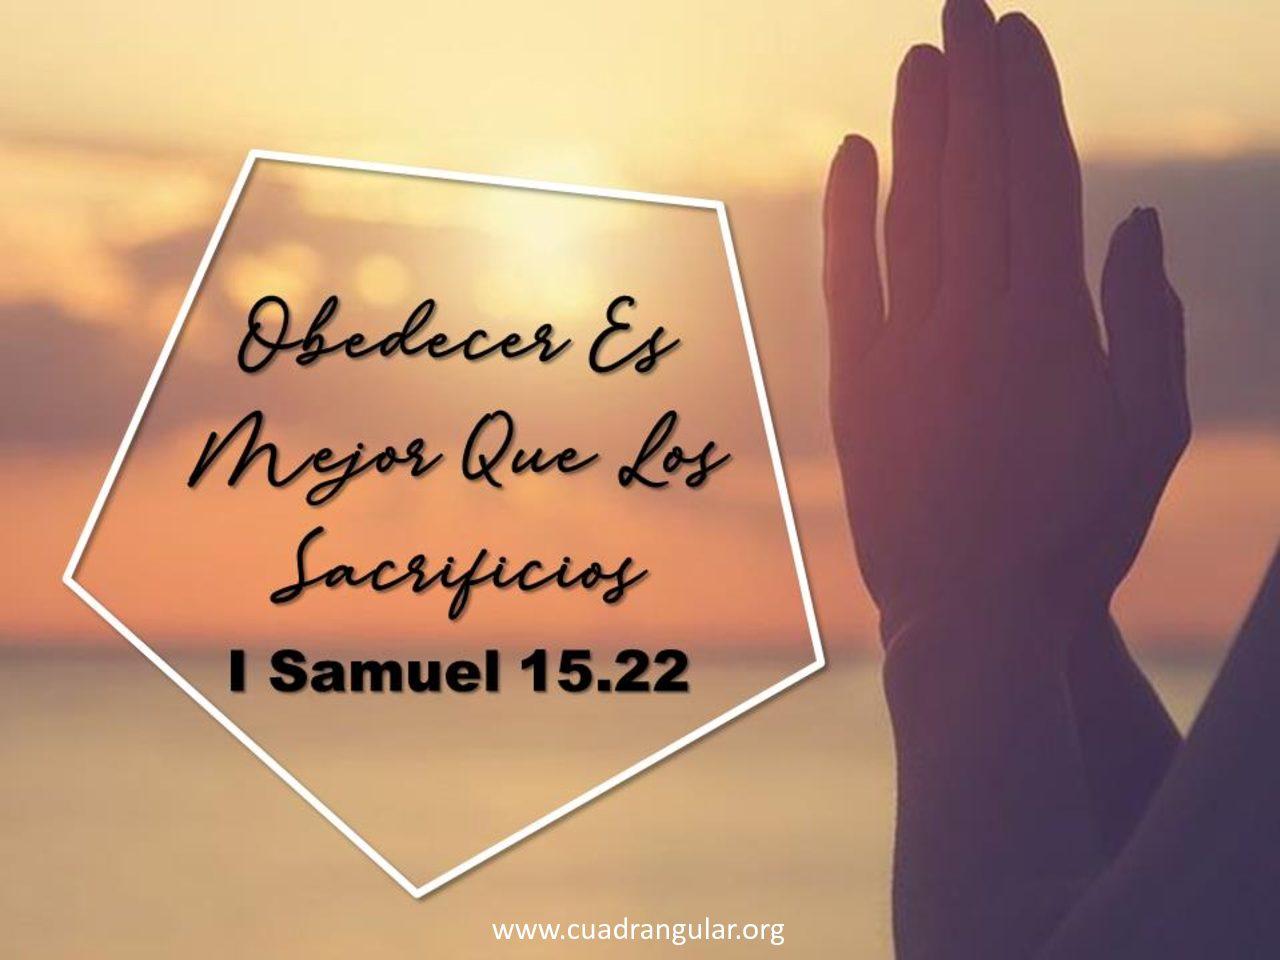 Obedecer es mejor que los sacrificios